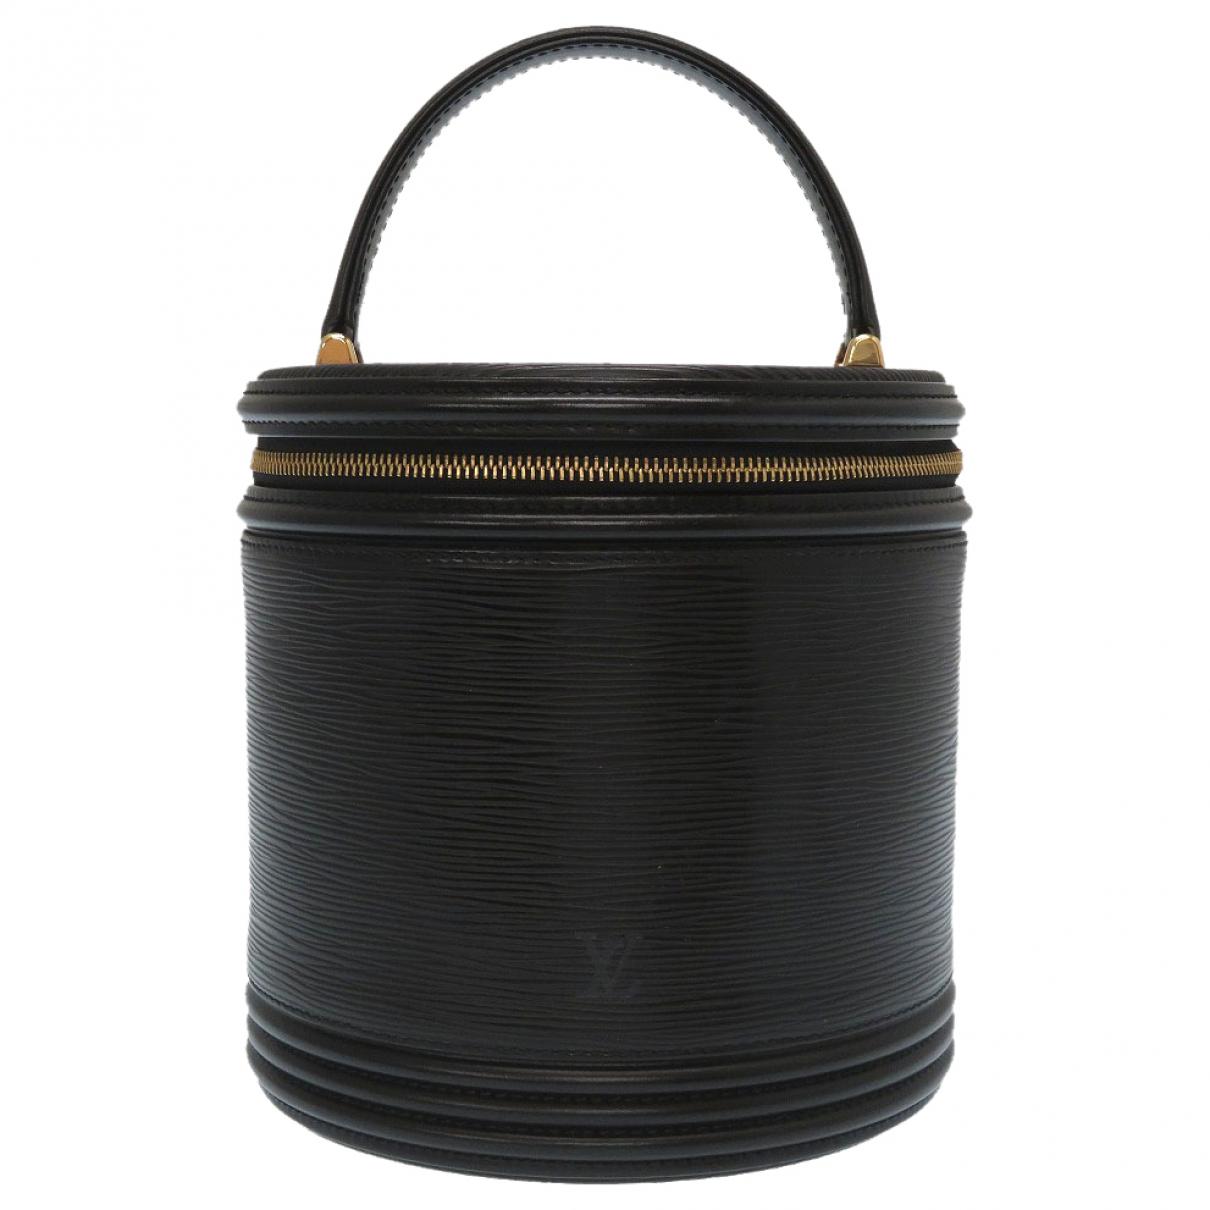 Louis Vuitton Cannes Black Leather handbag for Women \N